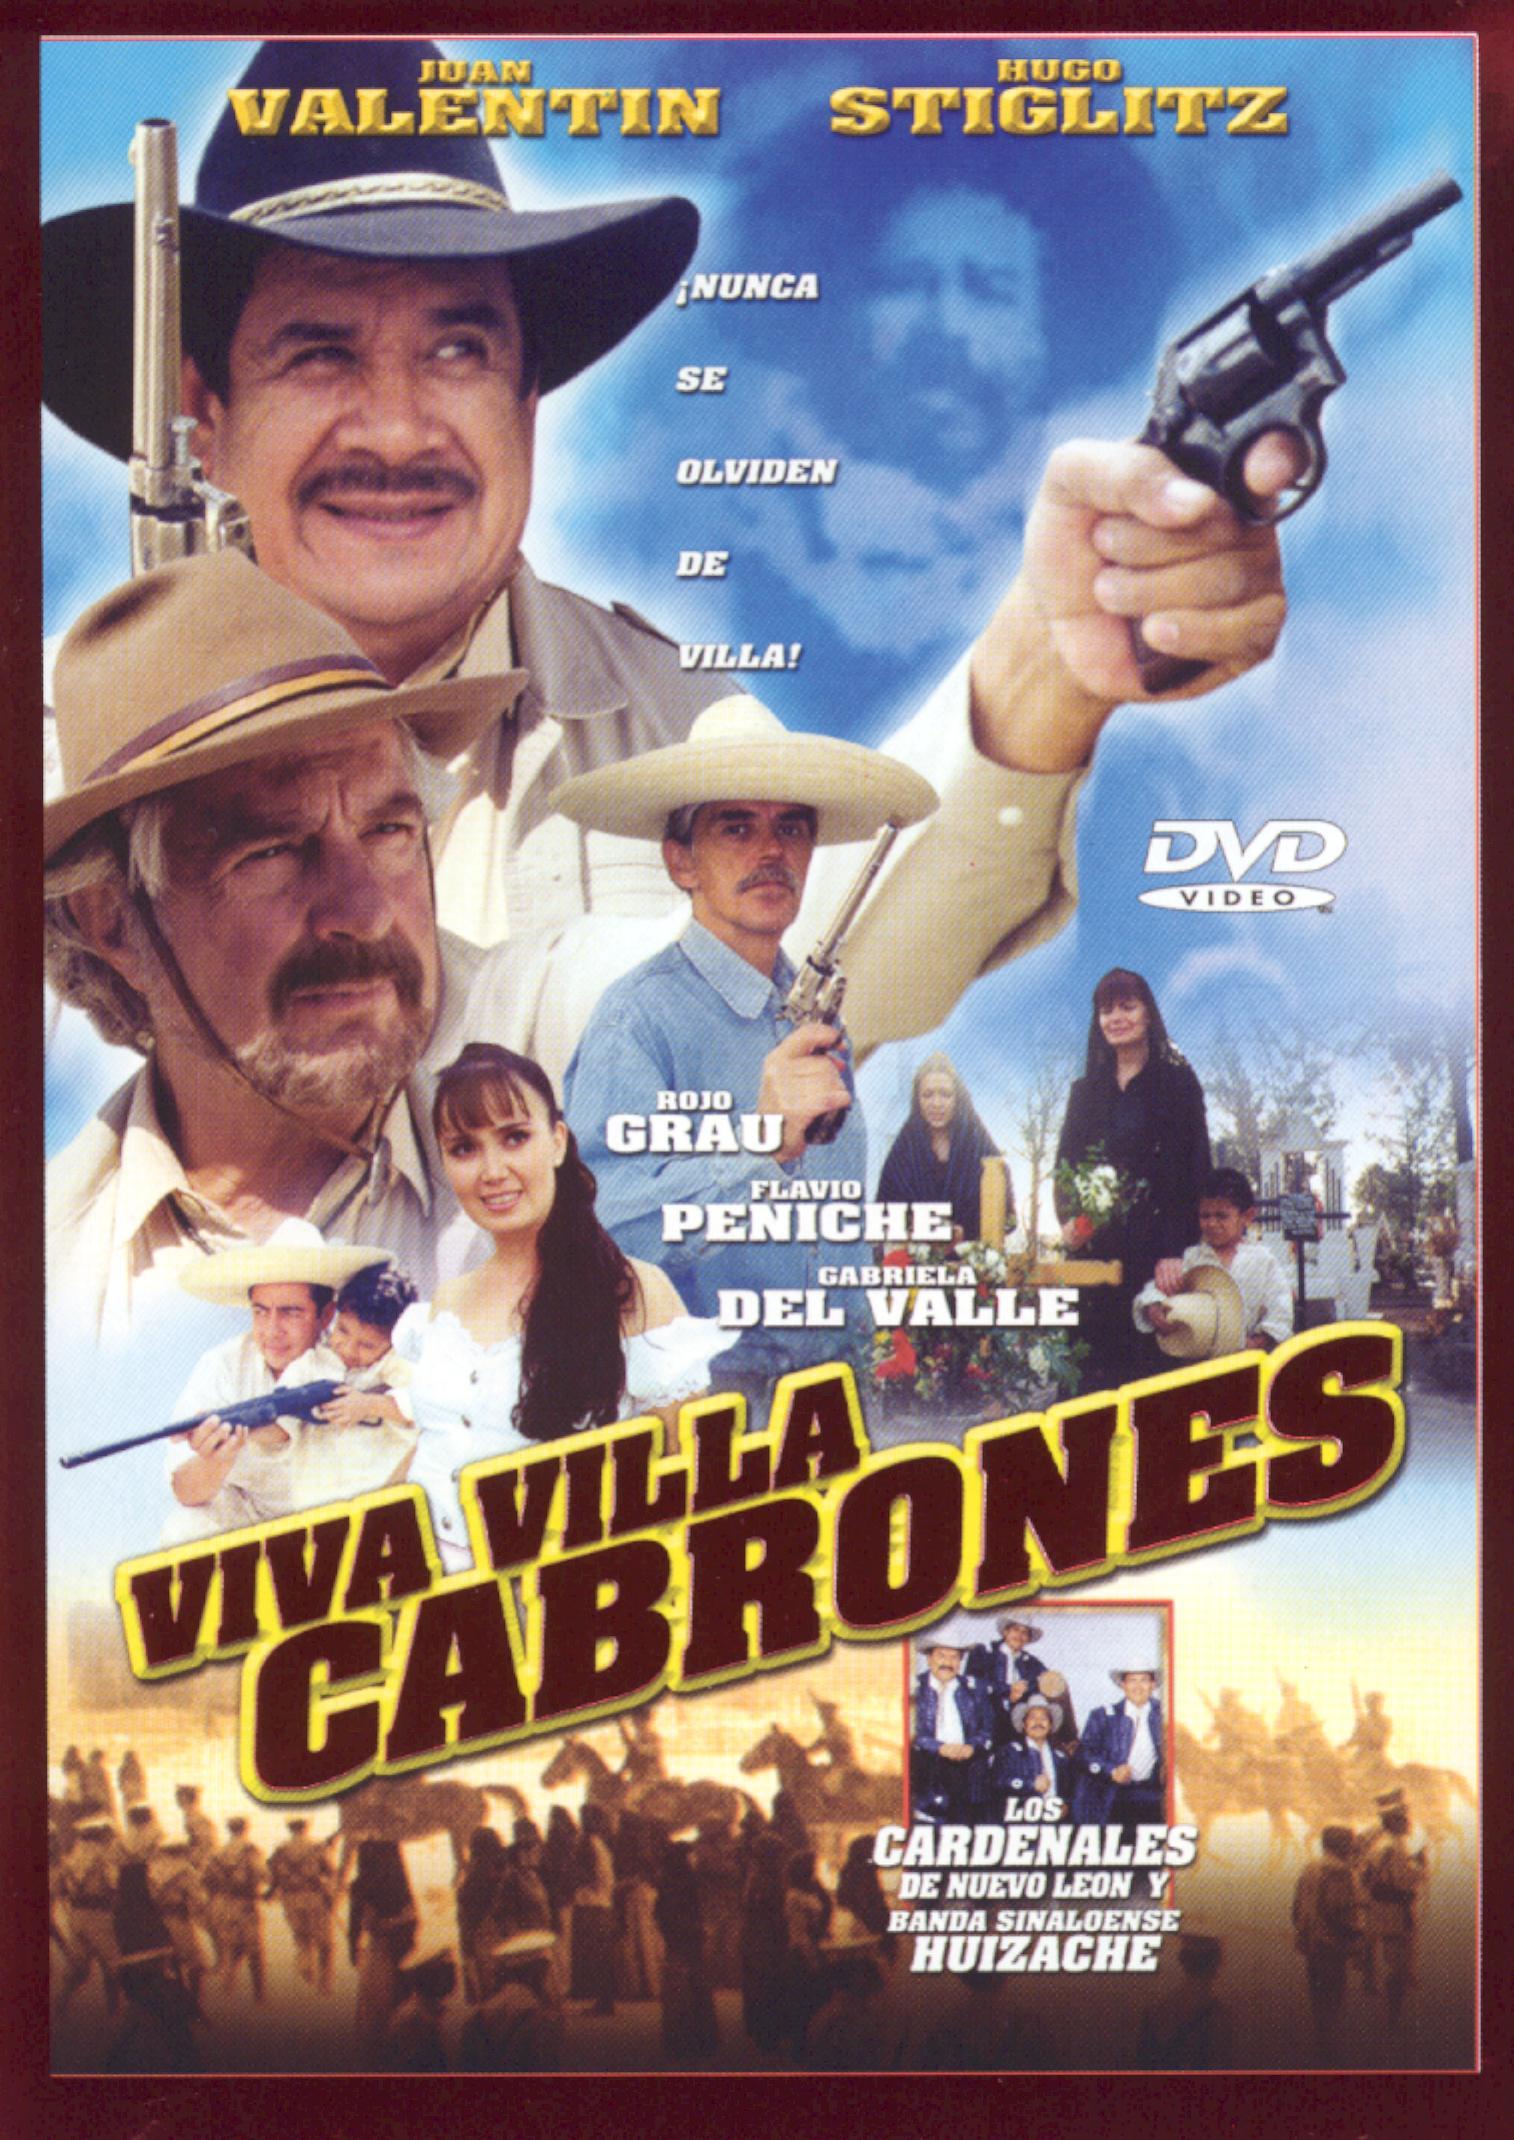 Viva Villa Cabrones